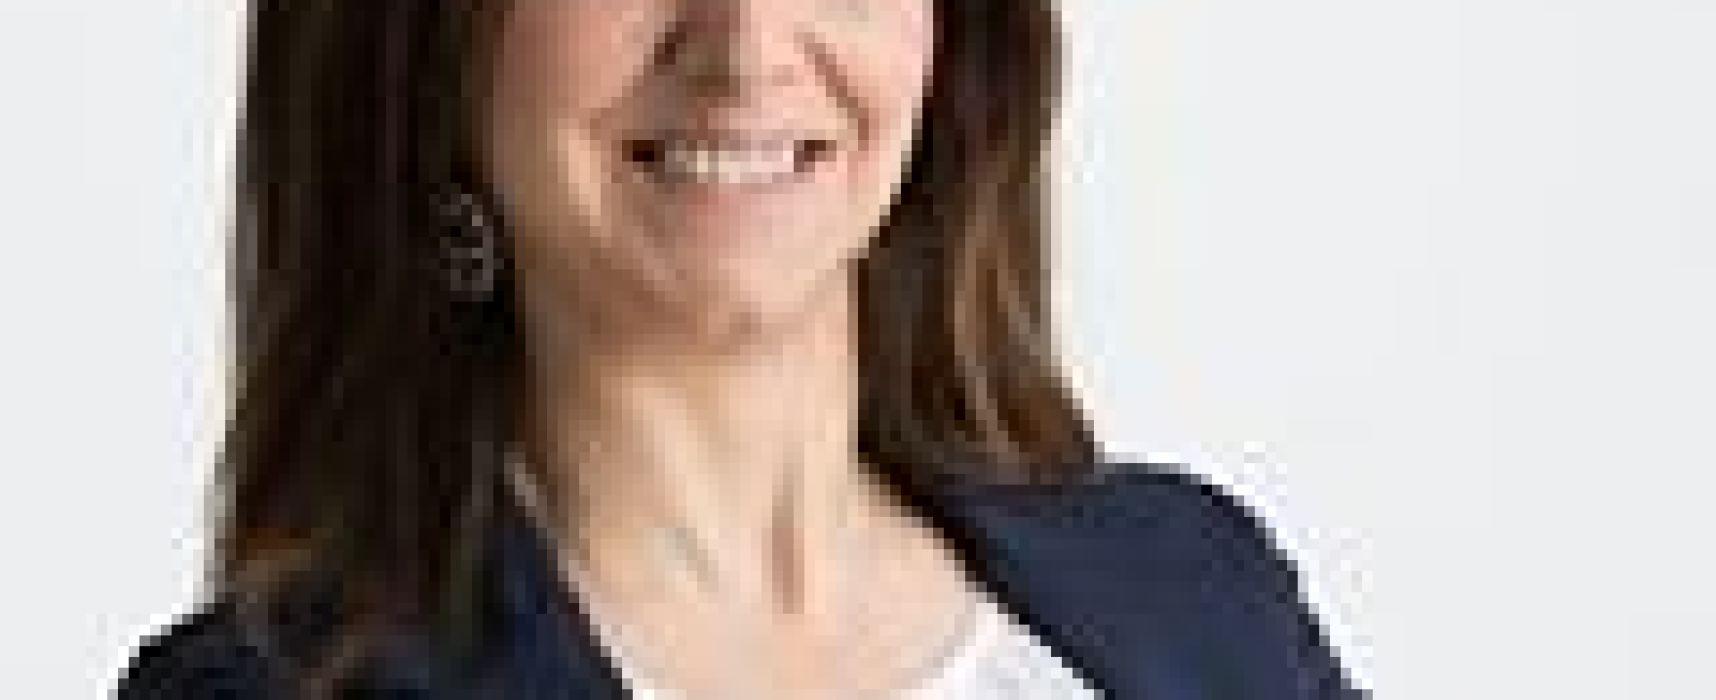 LUCCA – L'assessore allo sviluppo economico Mercanti incontra le associazioni di categoria